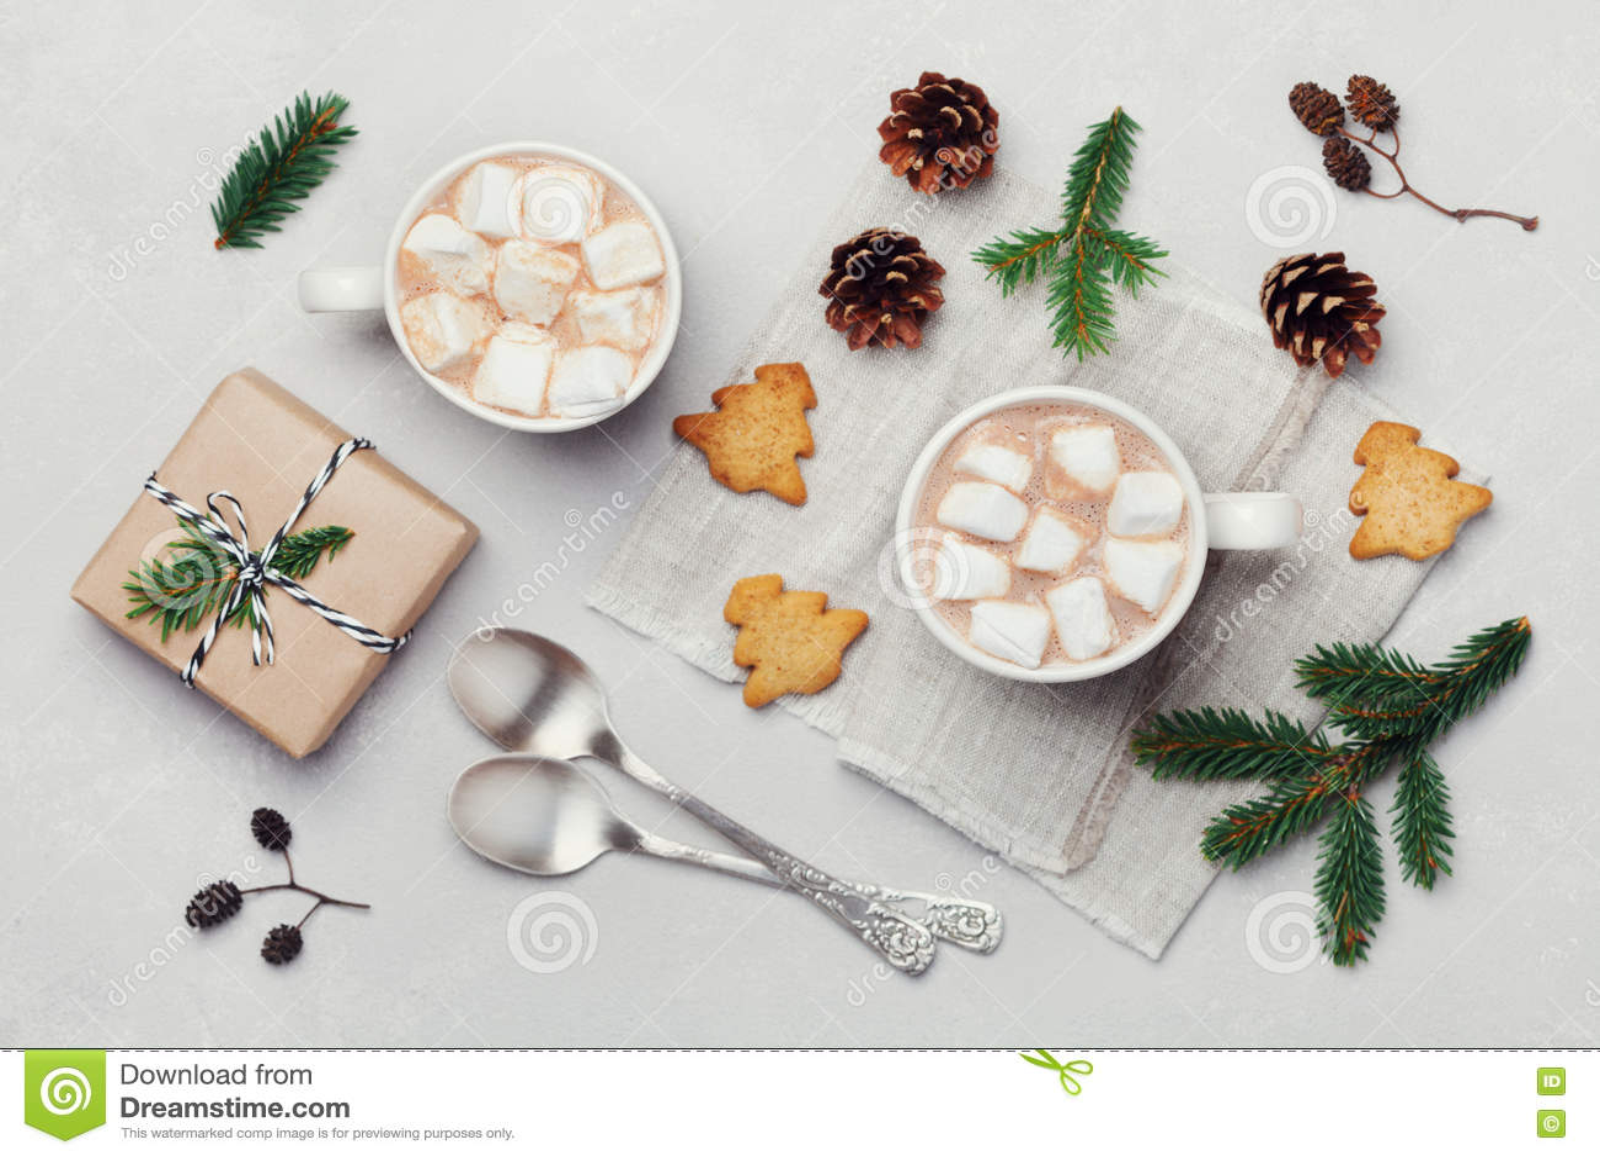 Traditionelle Weihnachtsgeschenke.Schale Heißer Kakao Oder Schokolade Mit Eibisch Plätzchen Und